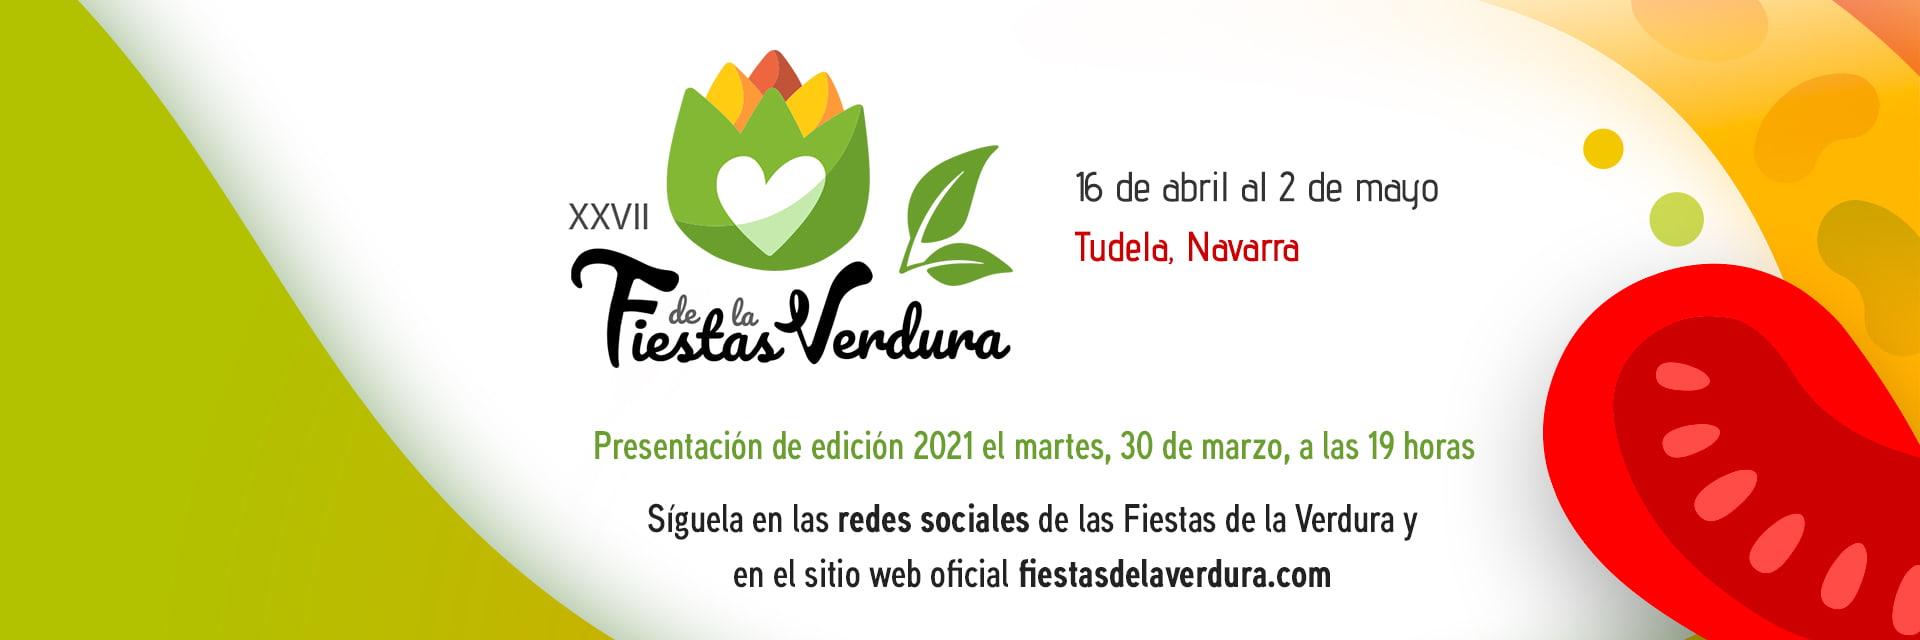 Presentación Fiestas de la Verdura 2021